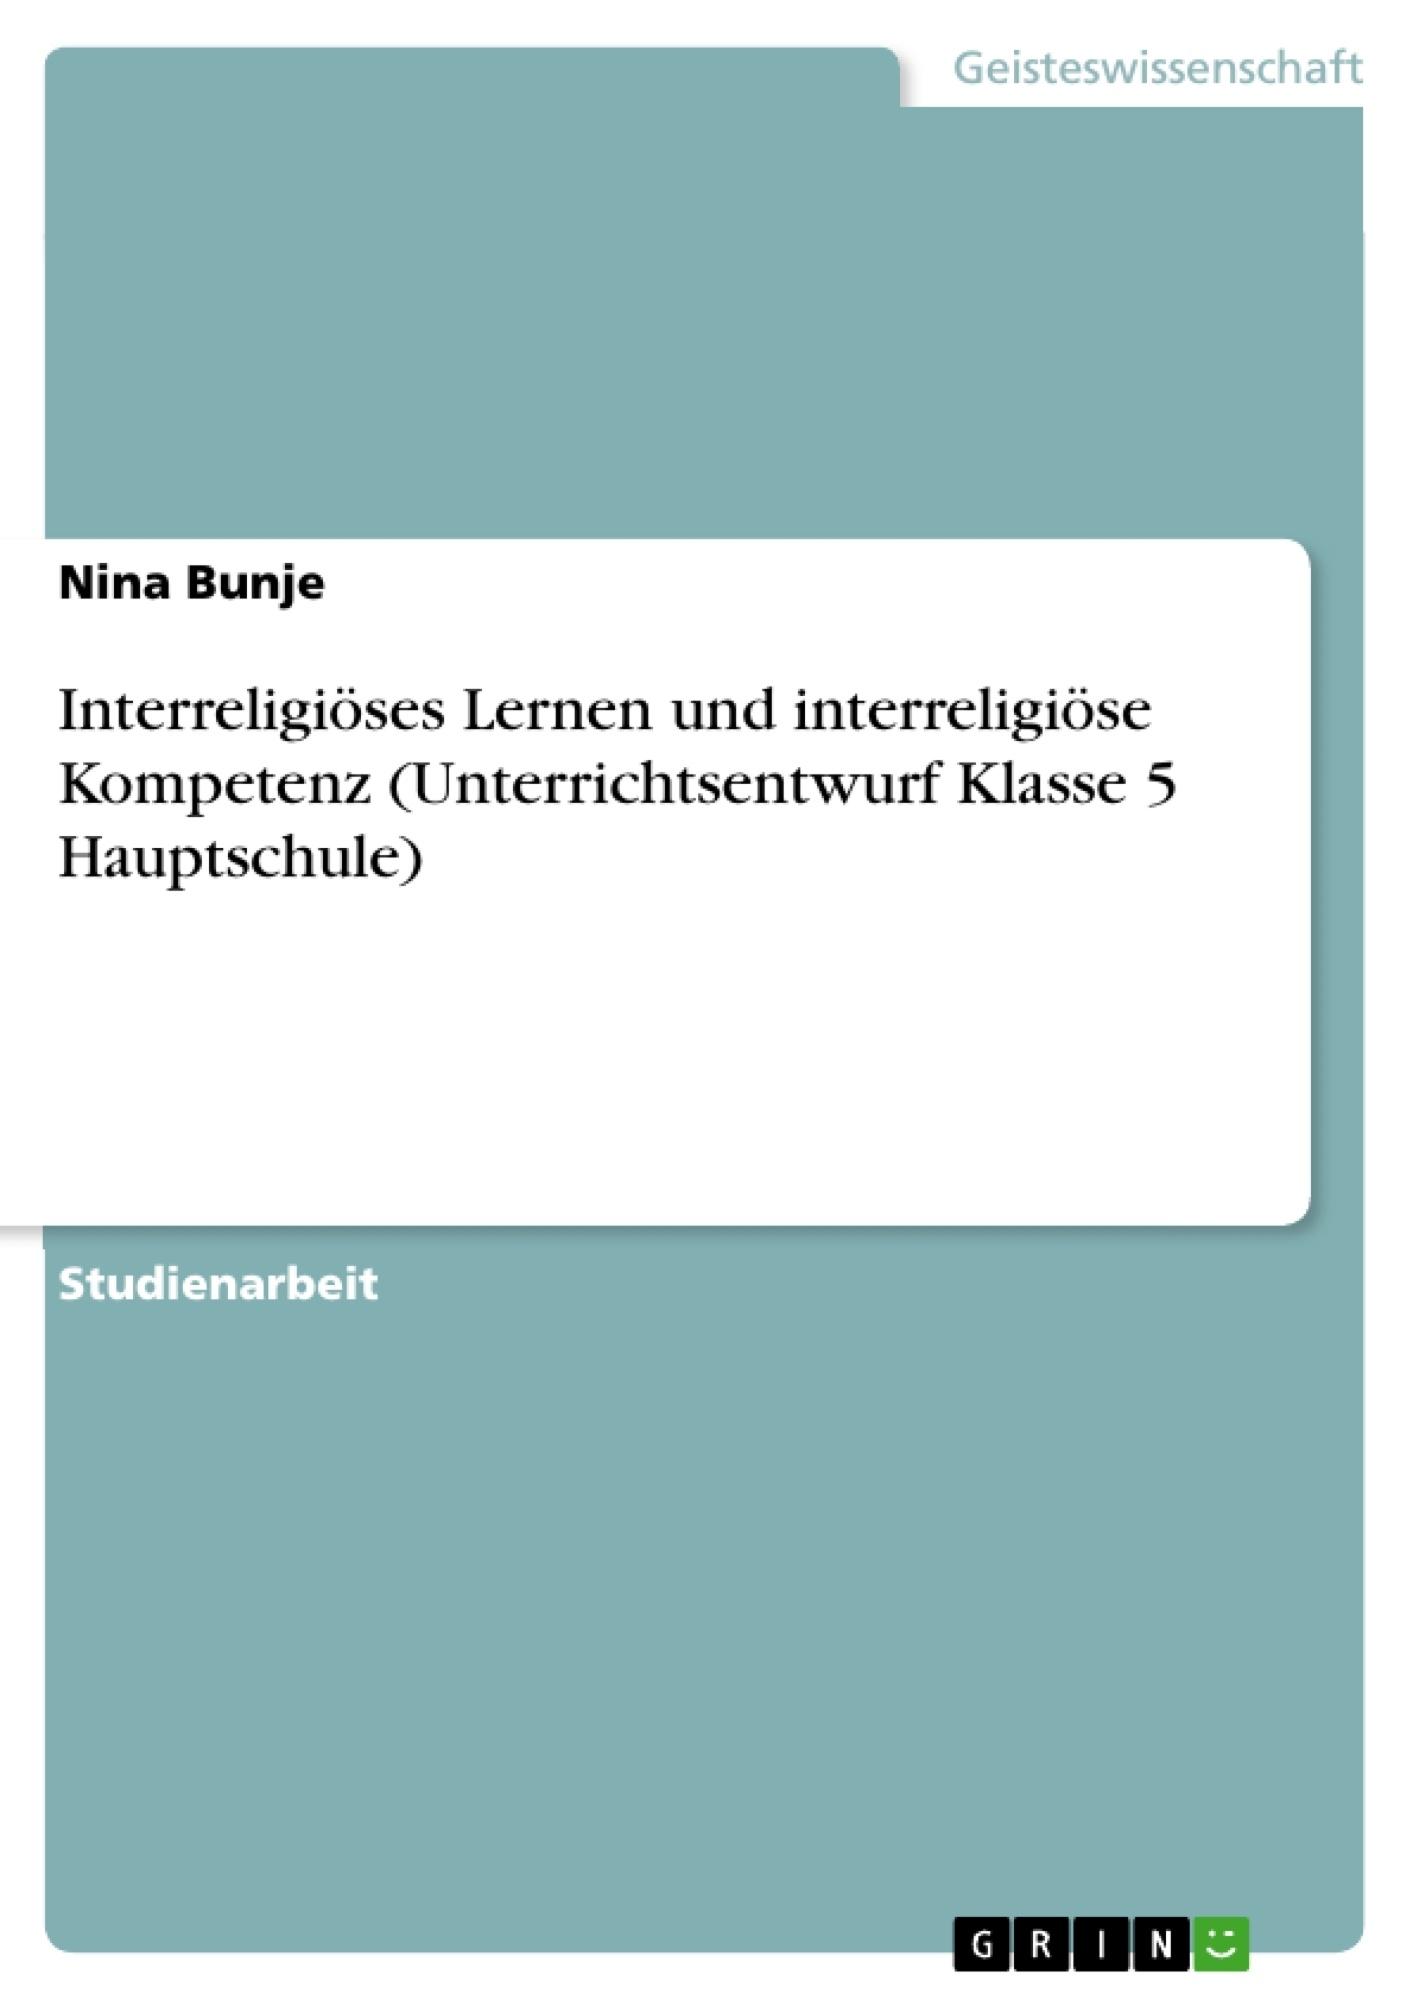 Titel: Interreligiöses Lernen und interreligiöse Kompetenz (Unterrichtsentwurf Klasse 5 Hauptschule)